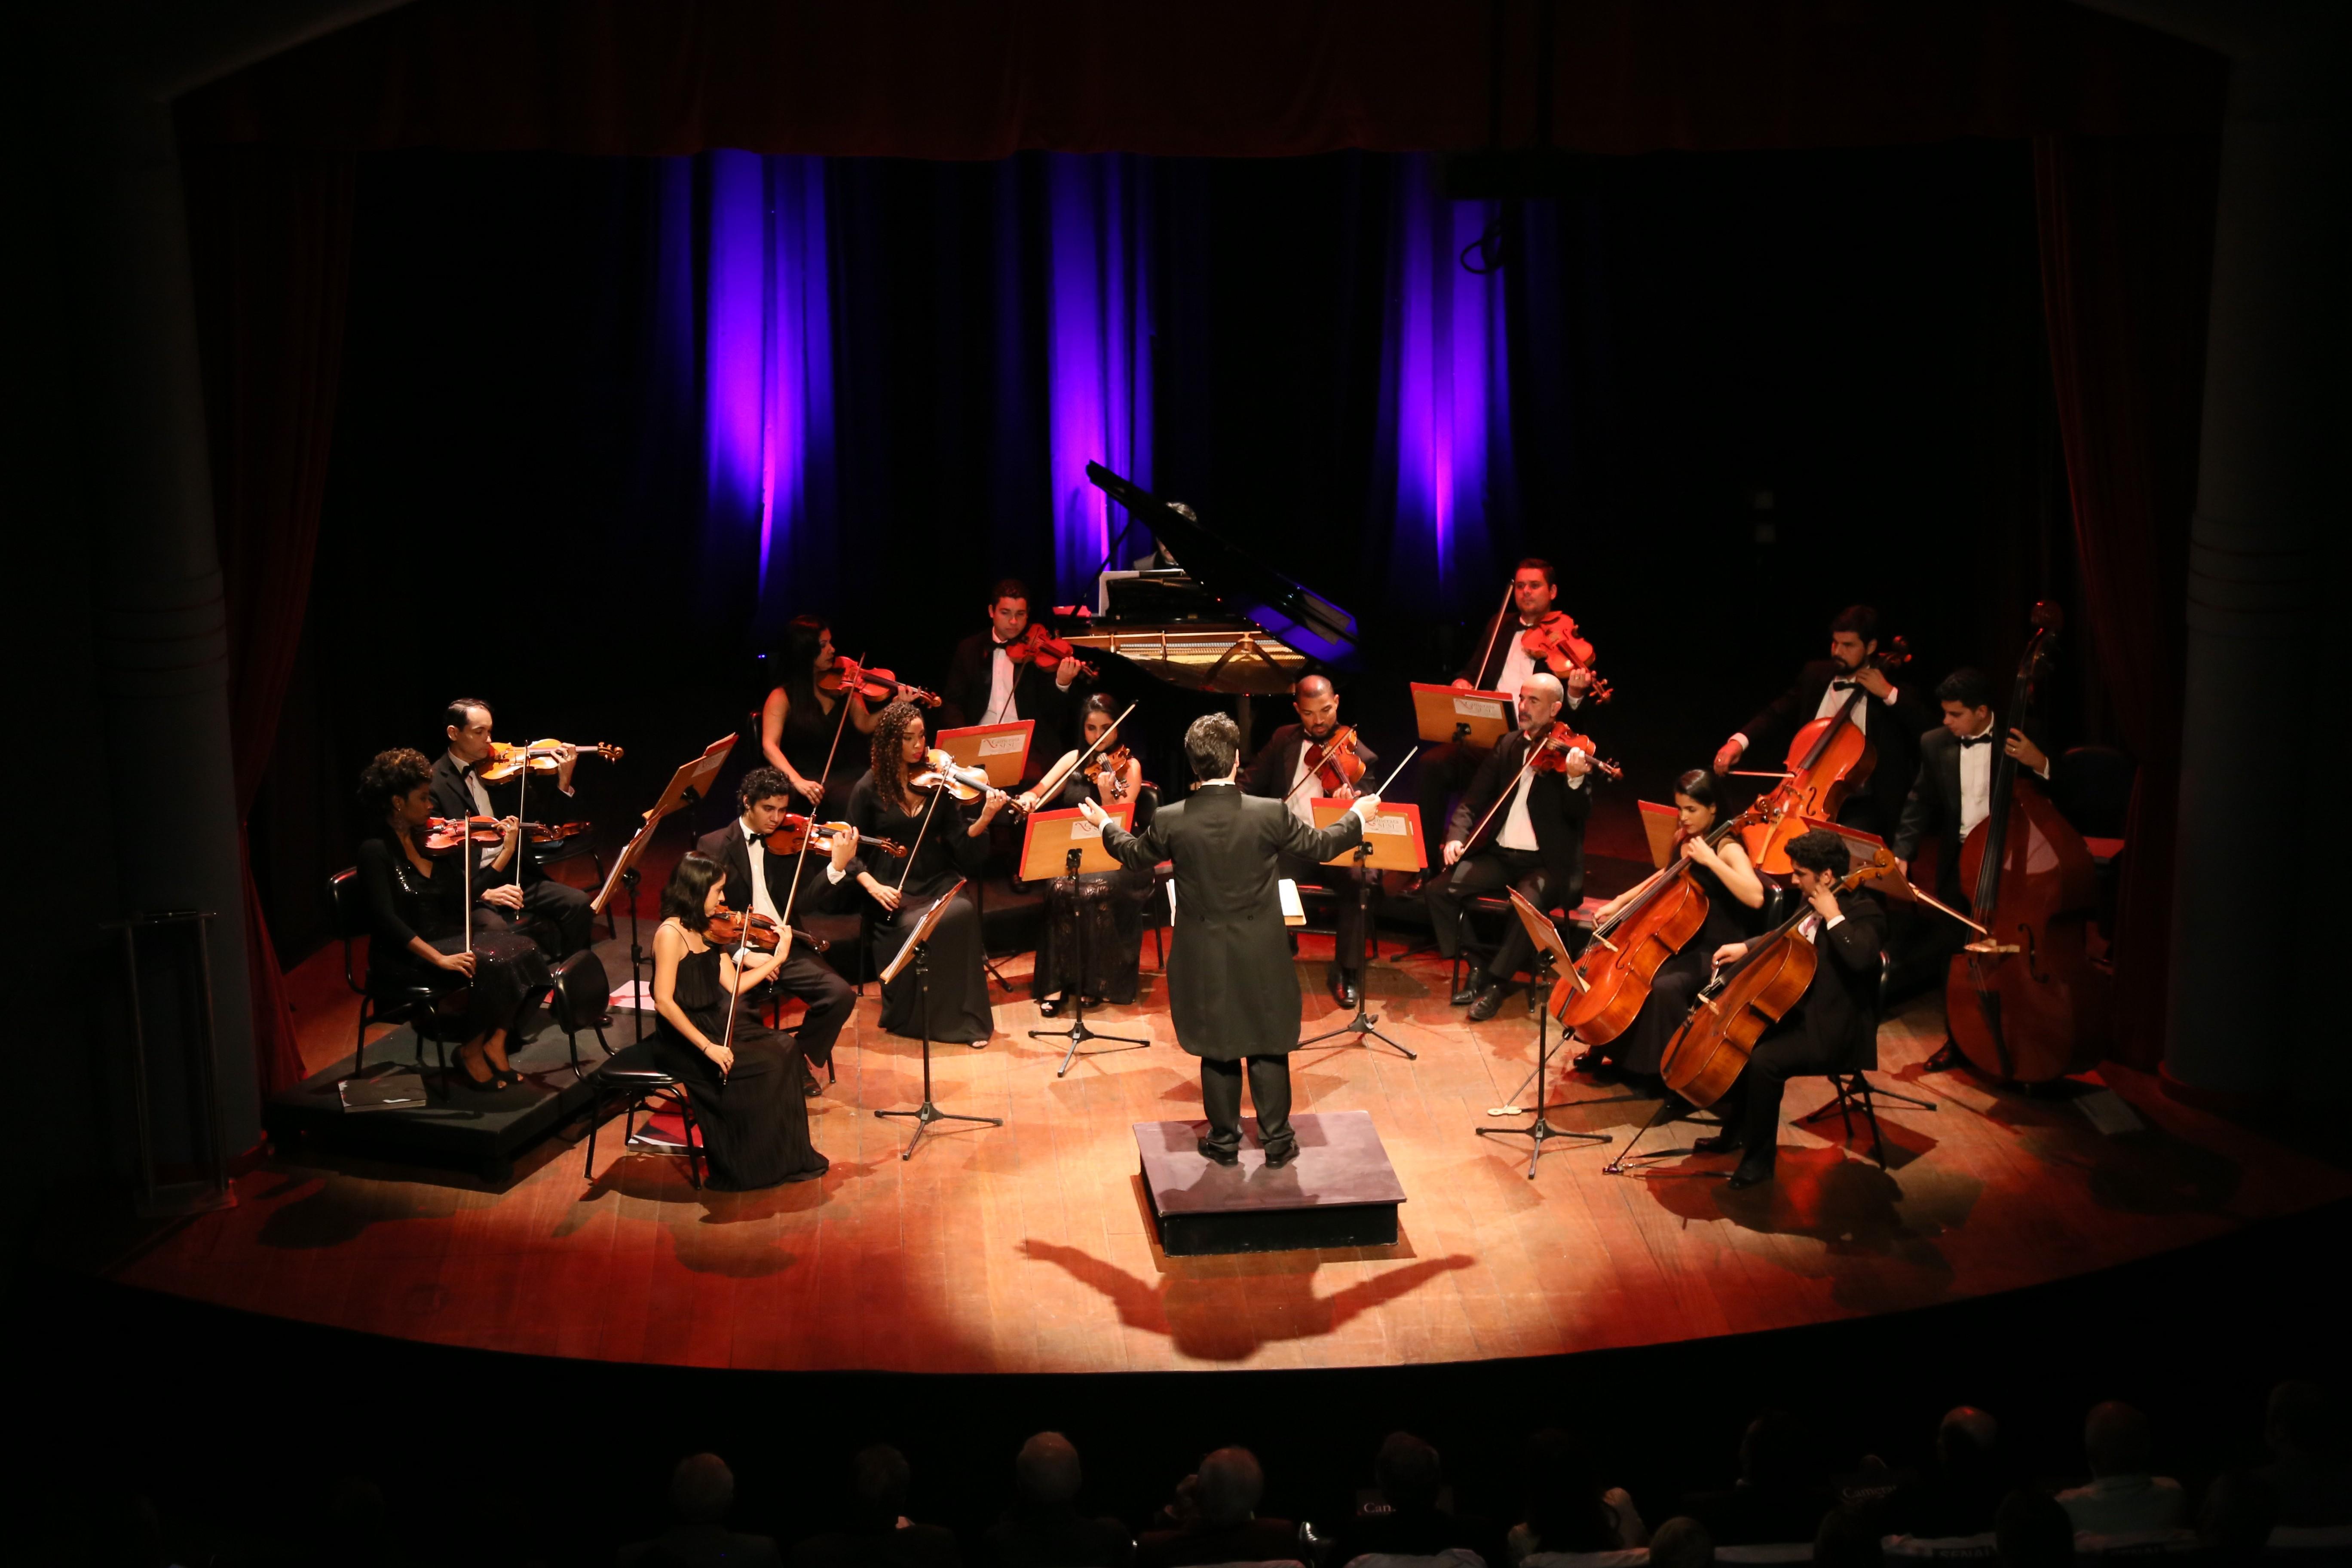 Orquestra Camerata Sesi traz 5 concertos especiais no I Festival de Música Clássica